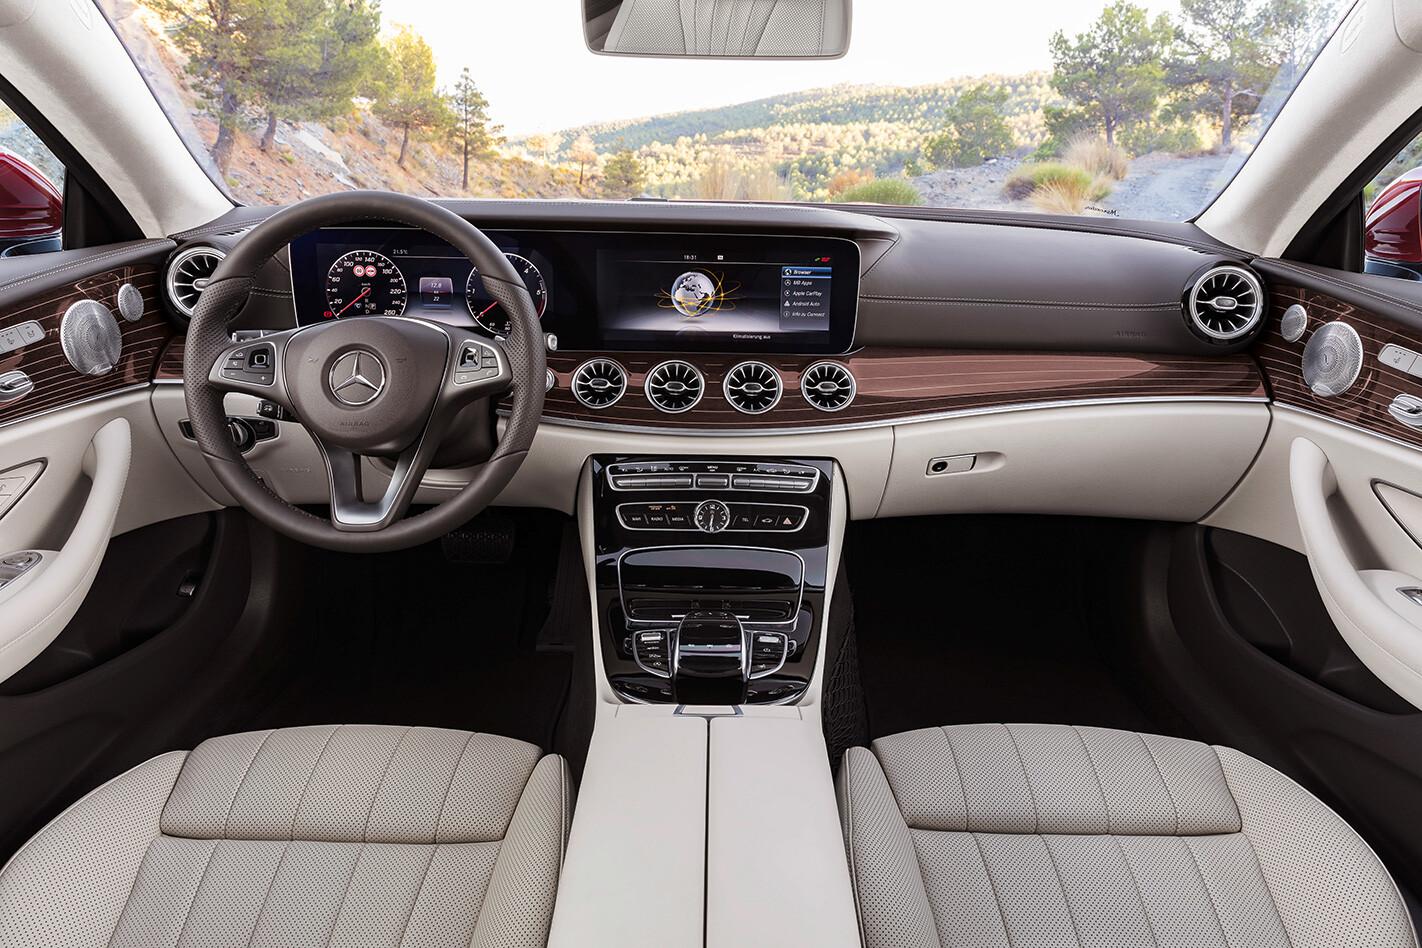 Gallery Mercedes Benz E Class Coupe Interior 24 Jpg